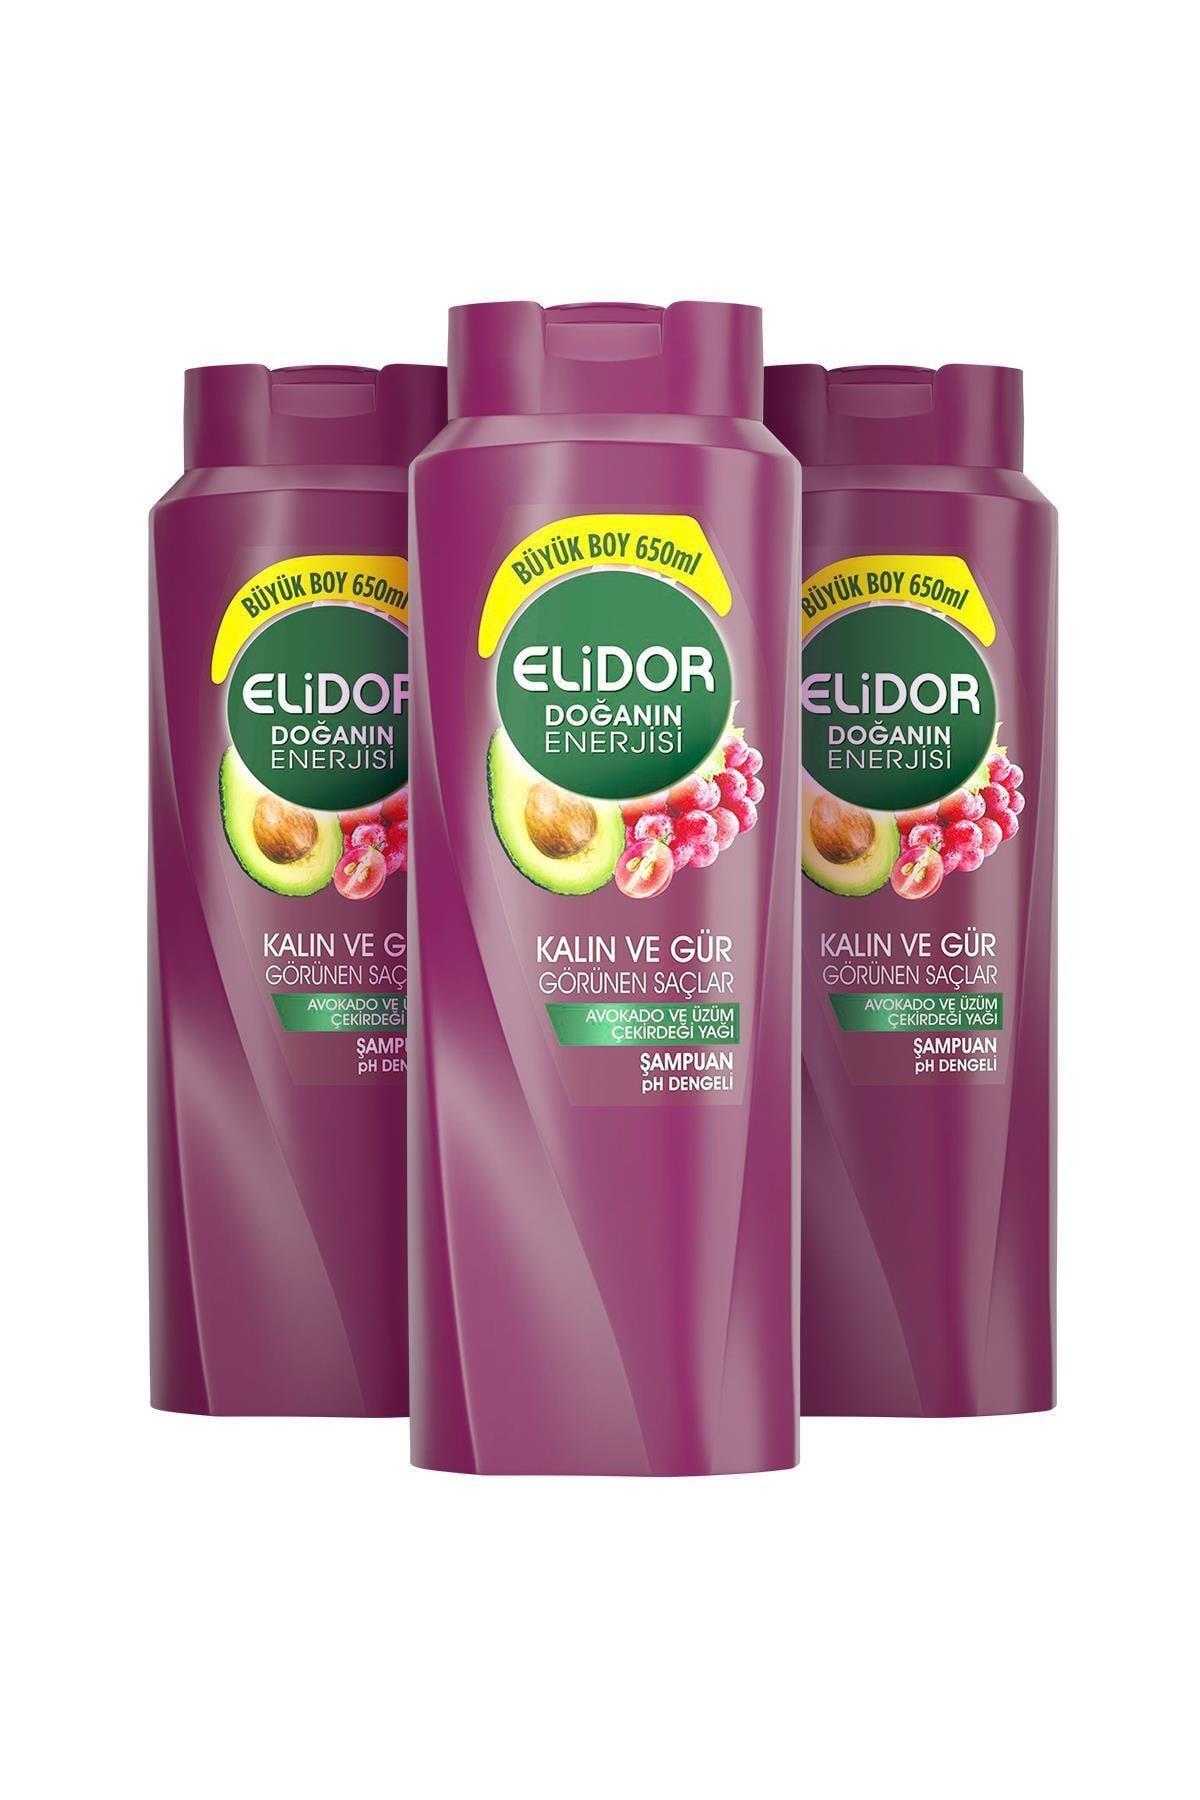 Elidor Doğanın Enerjisi Kalın Ve Gür Saçlar Avokado Özlü Saç Bakım Şampuanı 650 ml X3 2